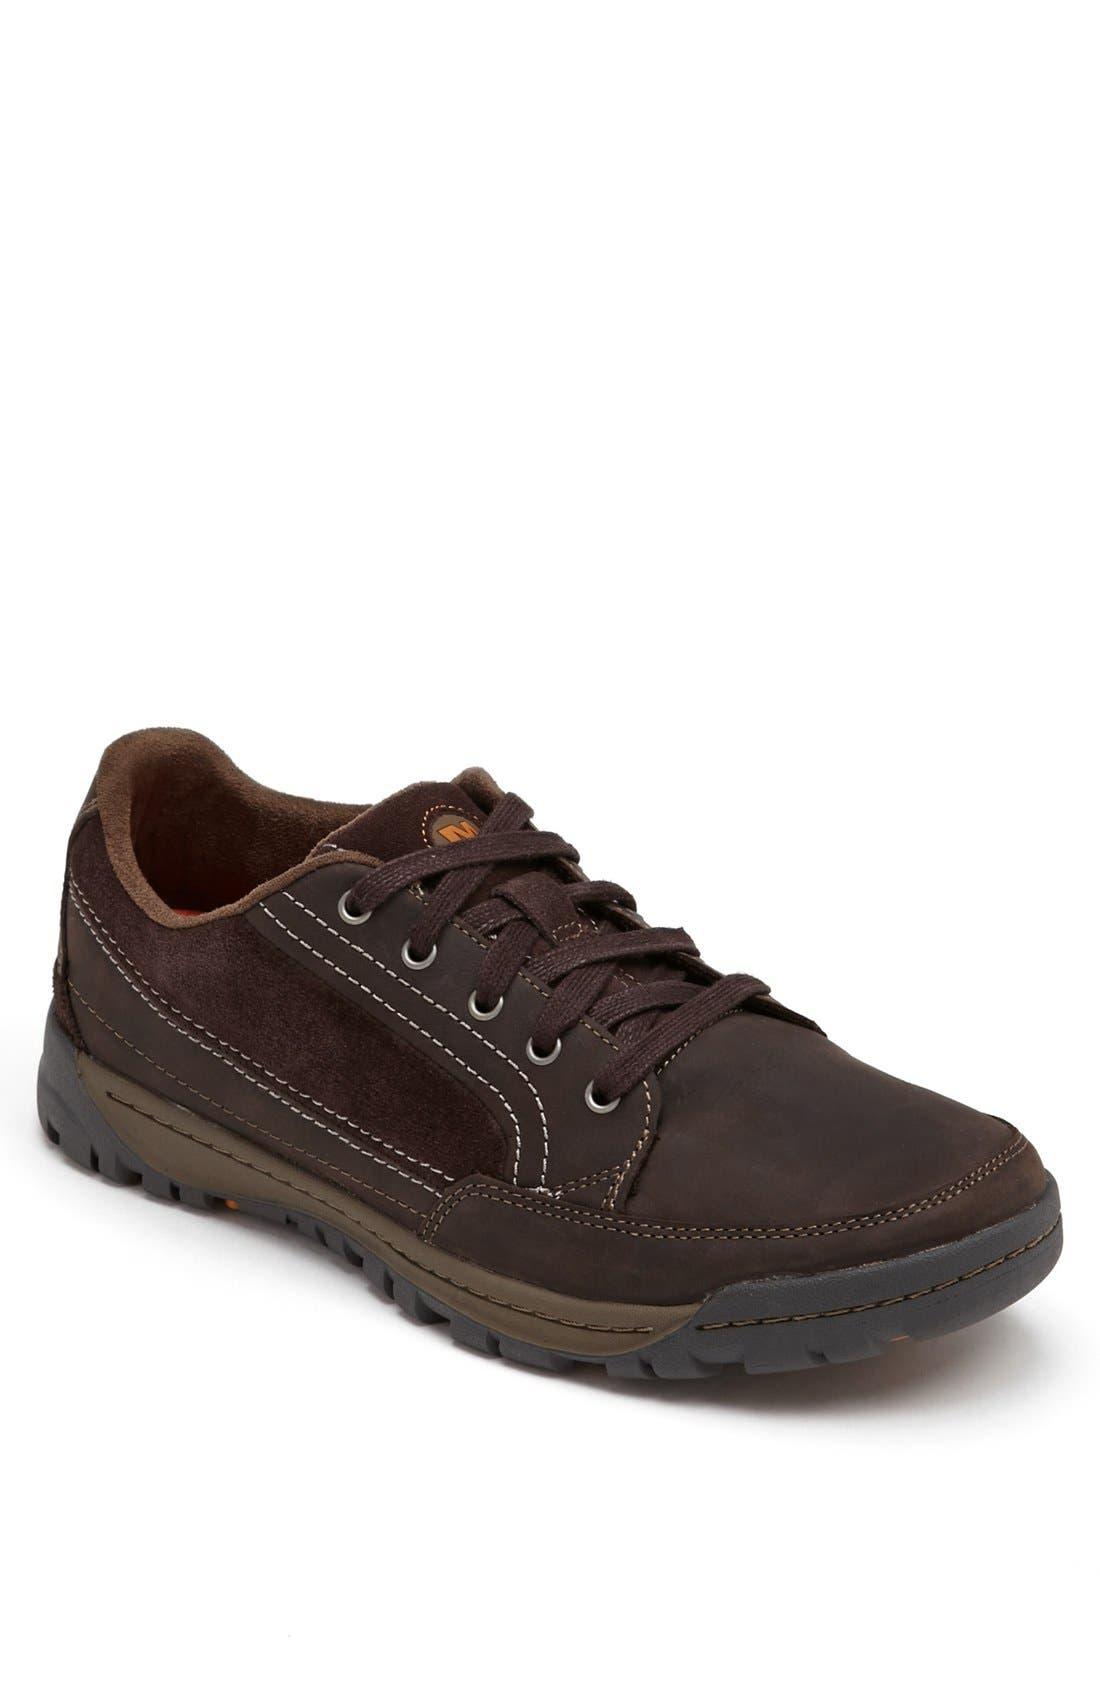 Alternate Image 1 Selected - Merrell 'Traveler Sphere' Sneaker (Men)